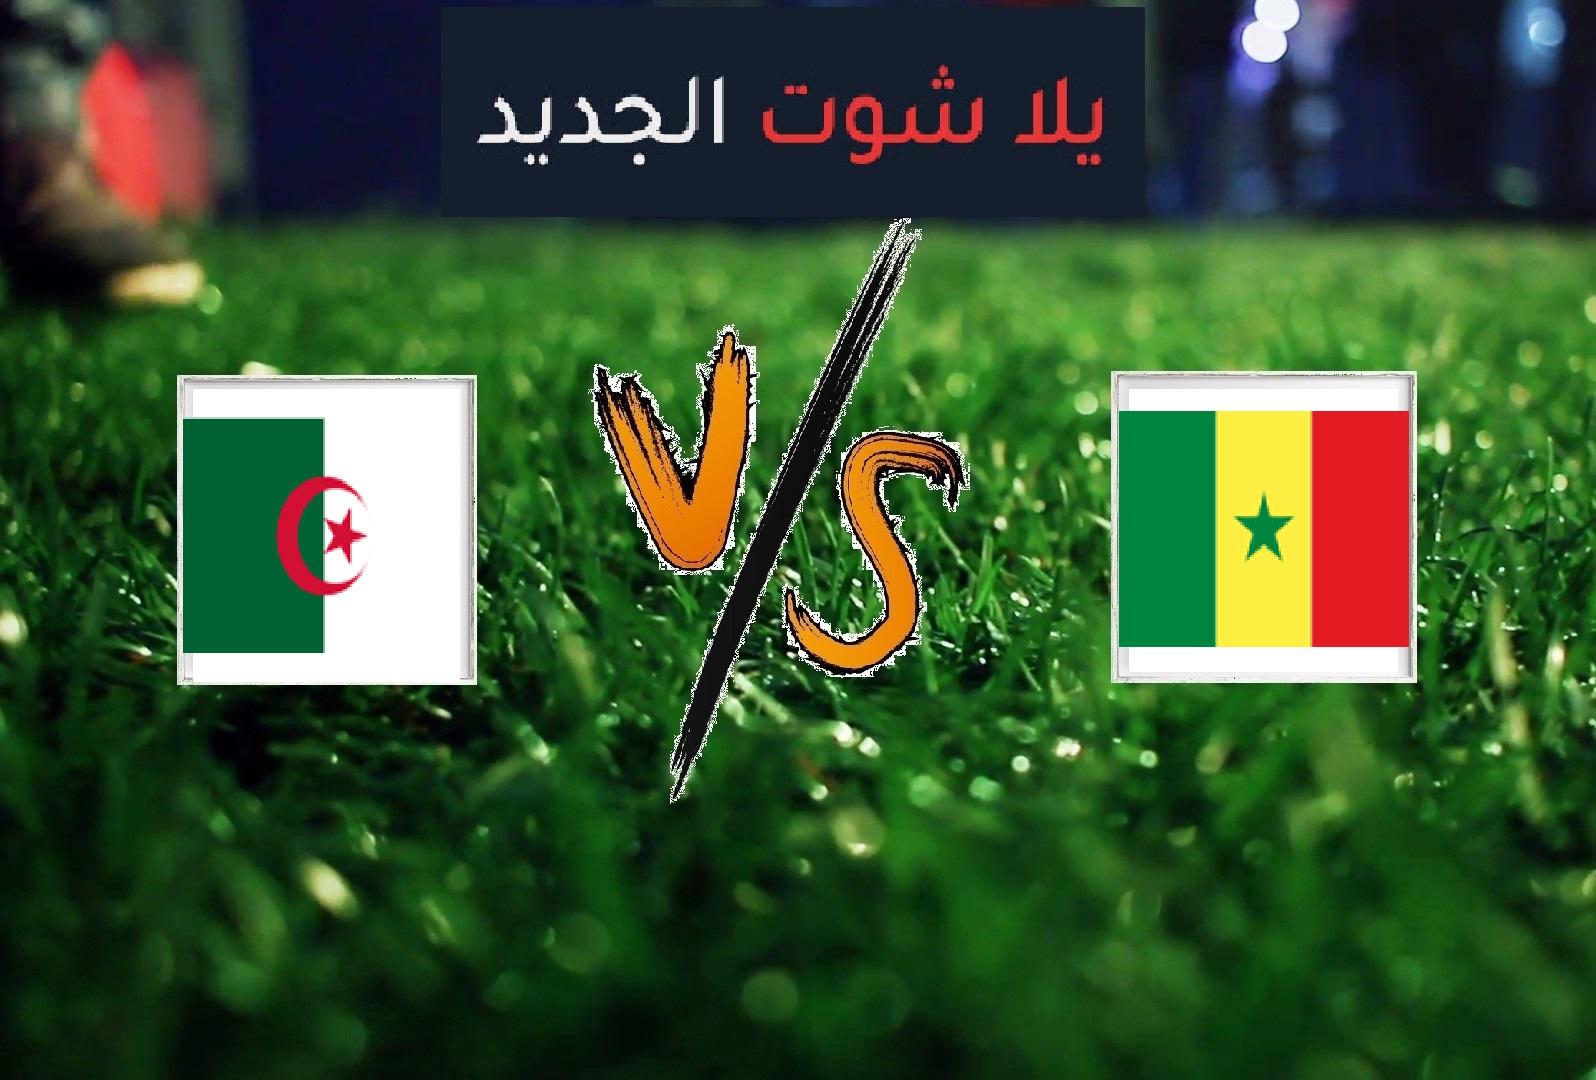 الجزائر تفوز على السنغال بهدف دون رد اليوم الخميس 27/06/2019 في كأس الأمم الأفريقية